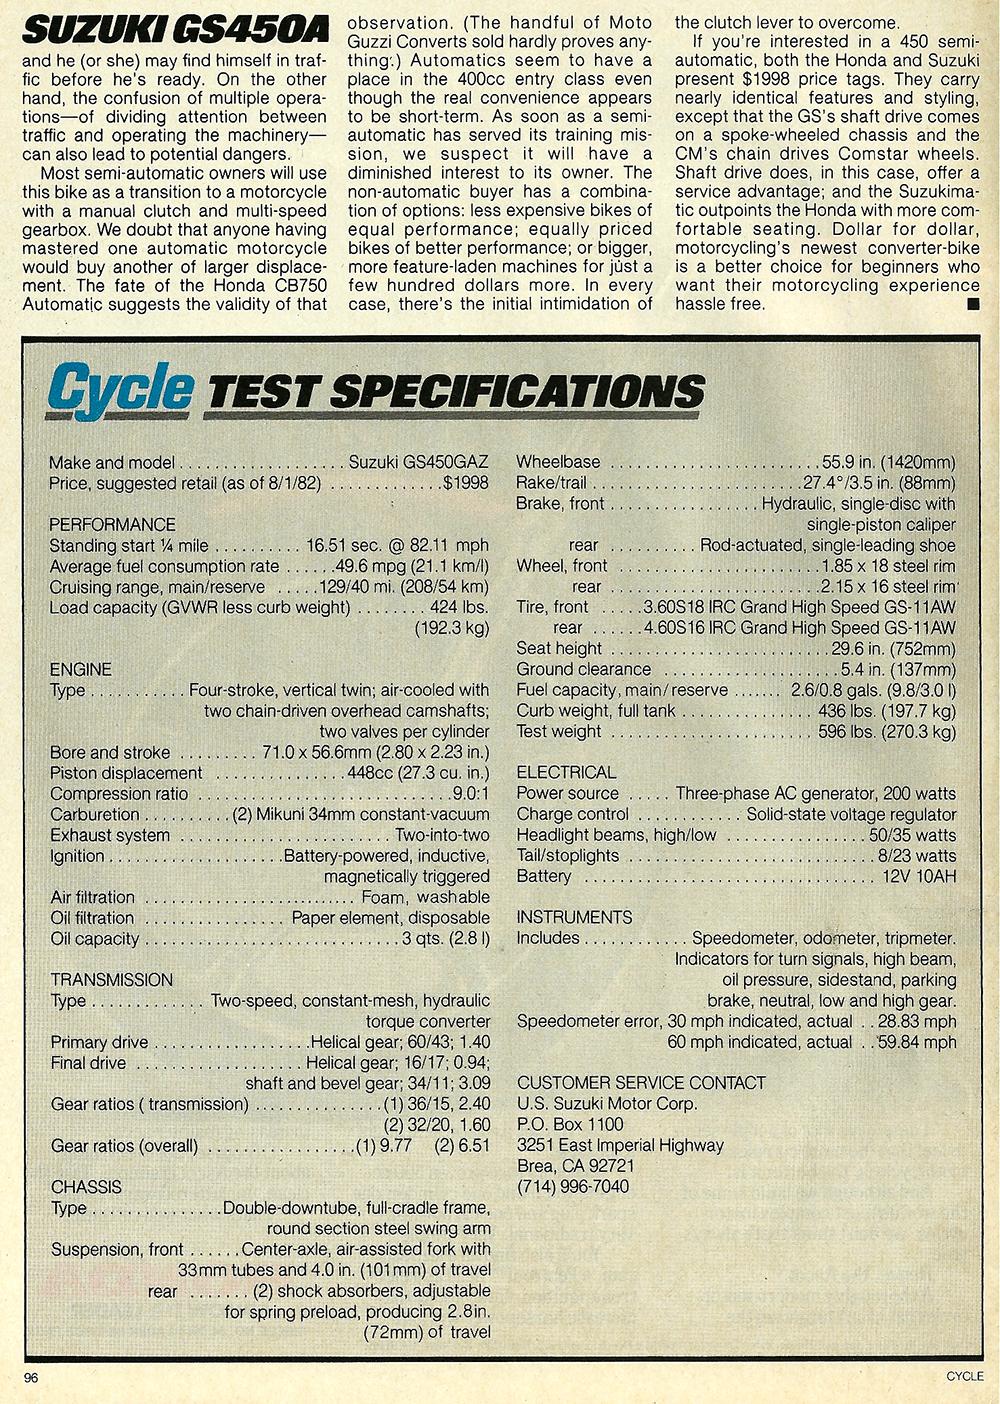 1982 Suzuki GS450A road test 4.jpg